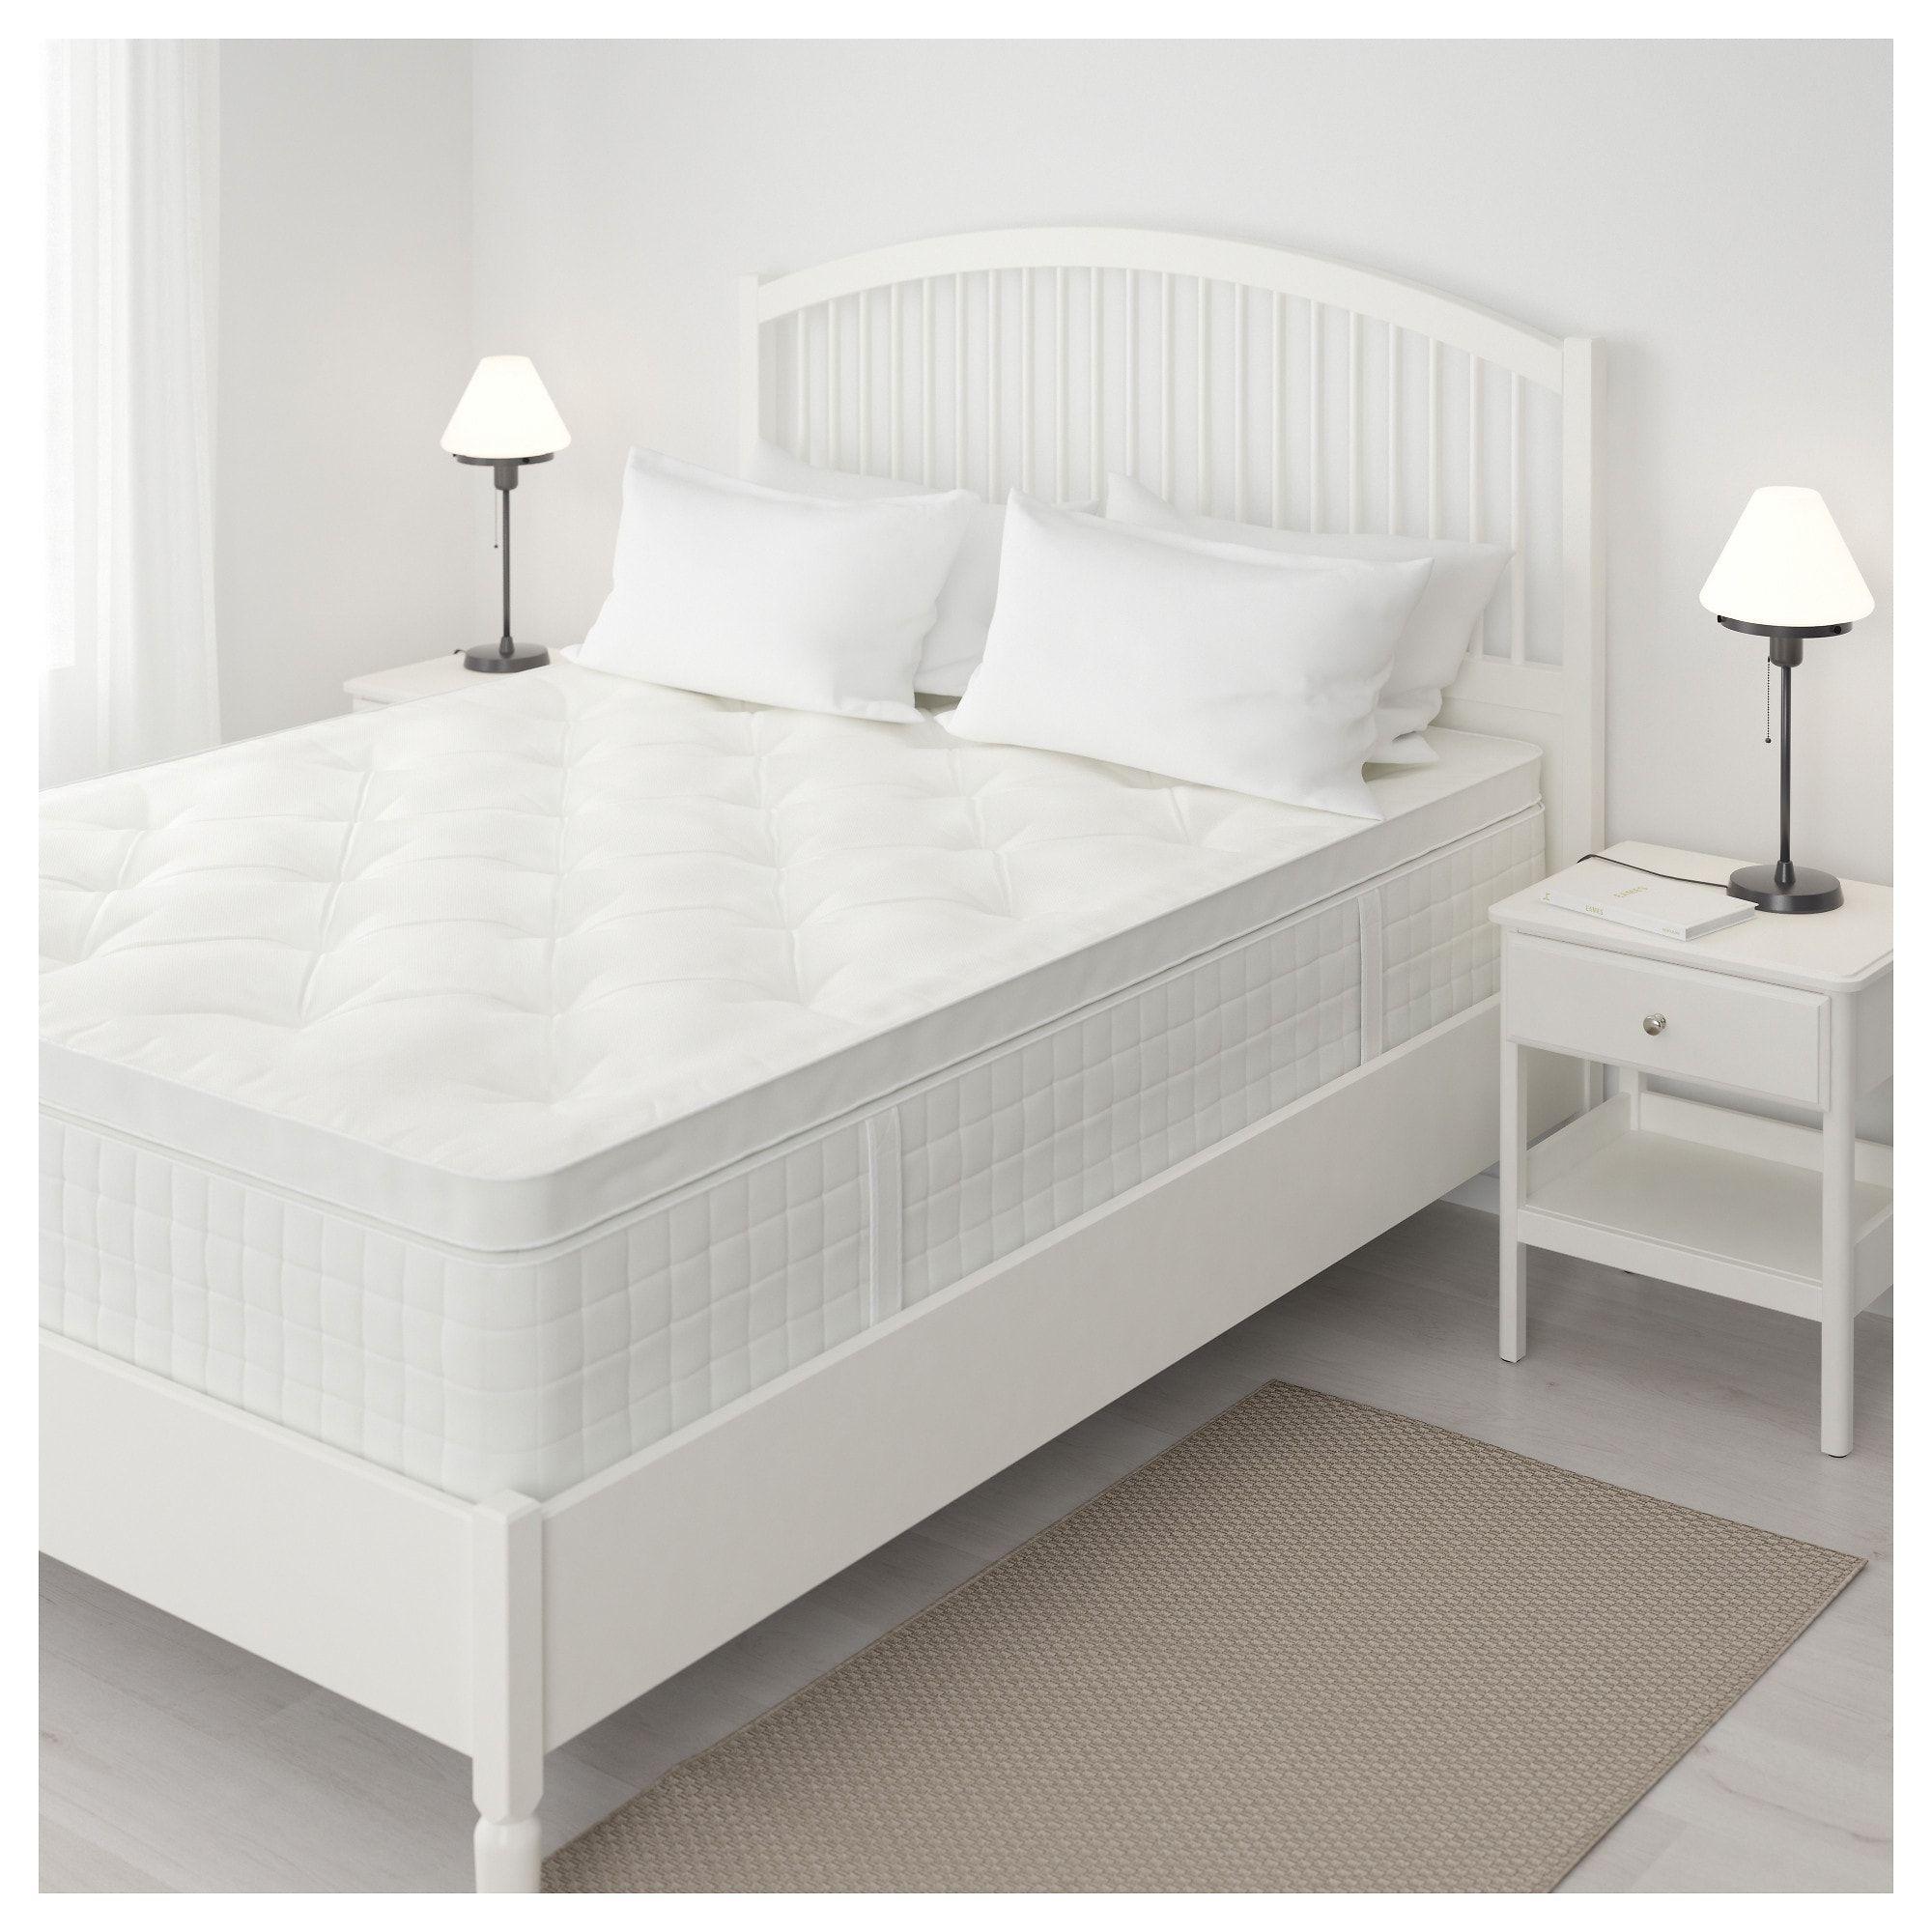 Hjellestad Pillowtop Mattress Medium Firm White Queen Pillow Top Mattress Mattress Ikea Mattress